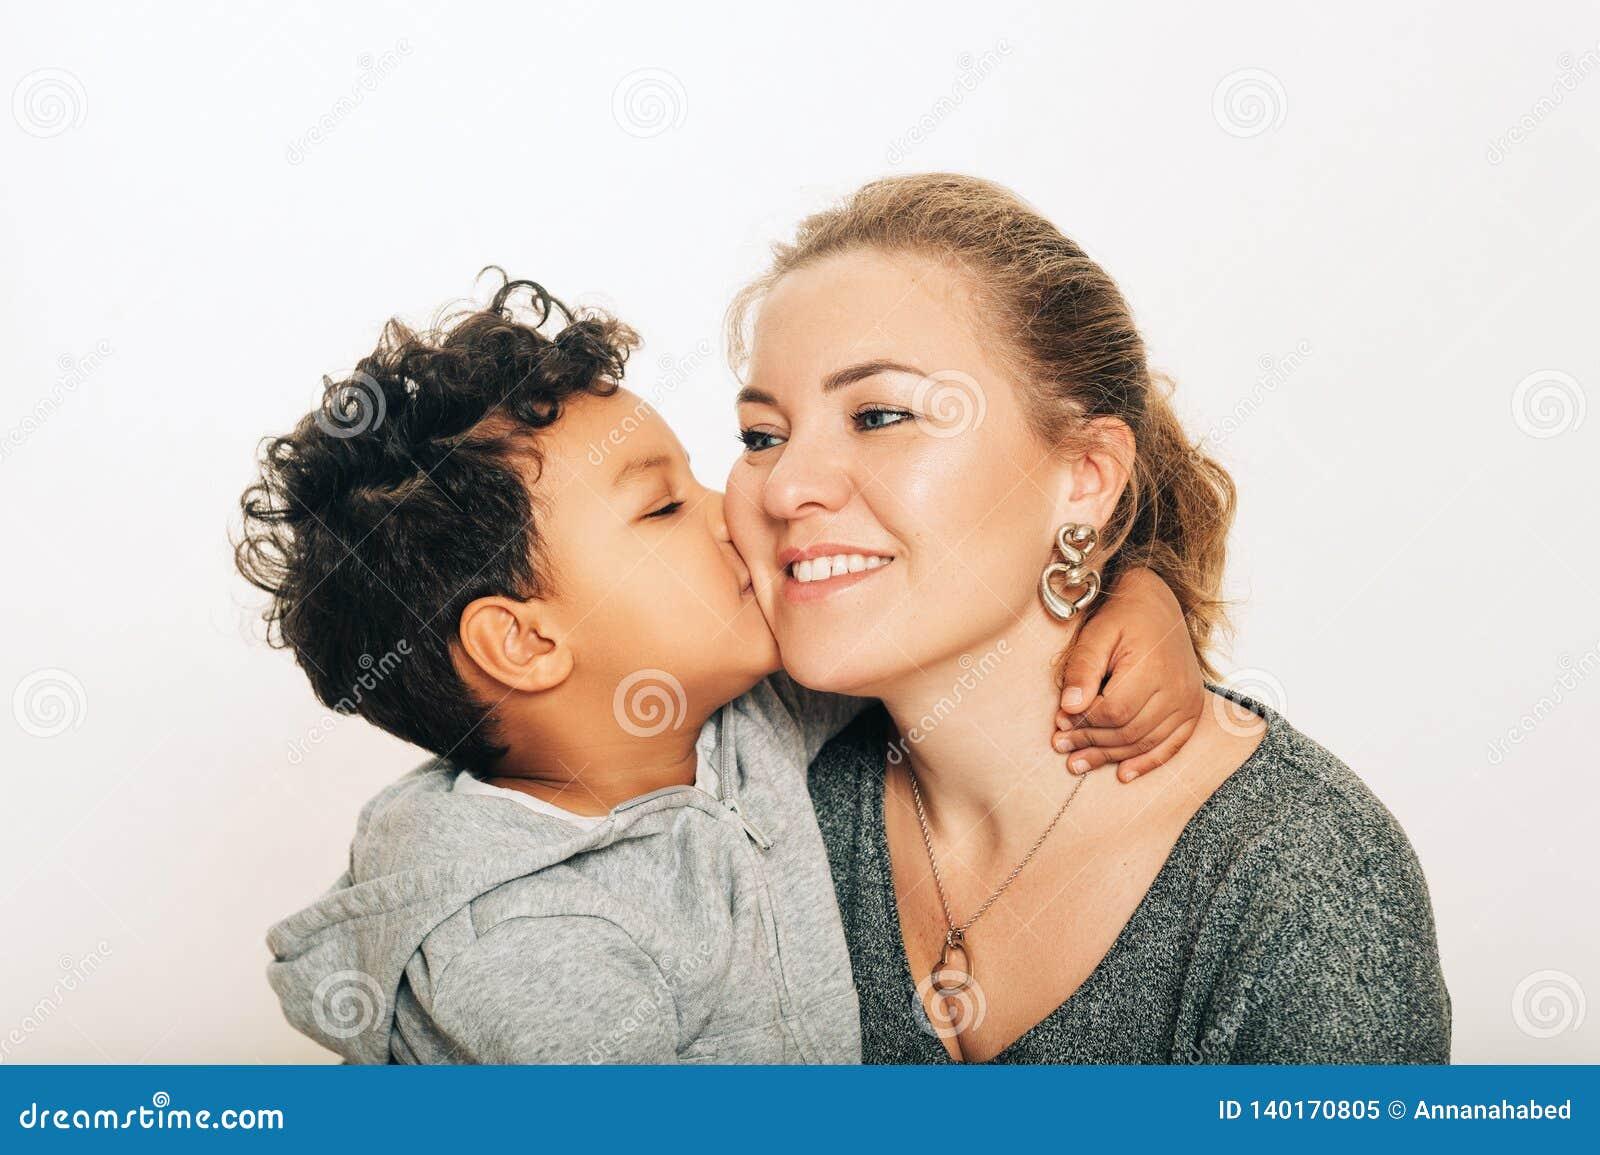 Estúdio disparado do menino adorável da criança que dá um beijo a sua mãe